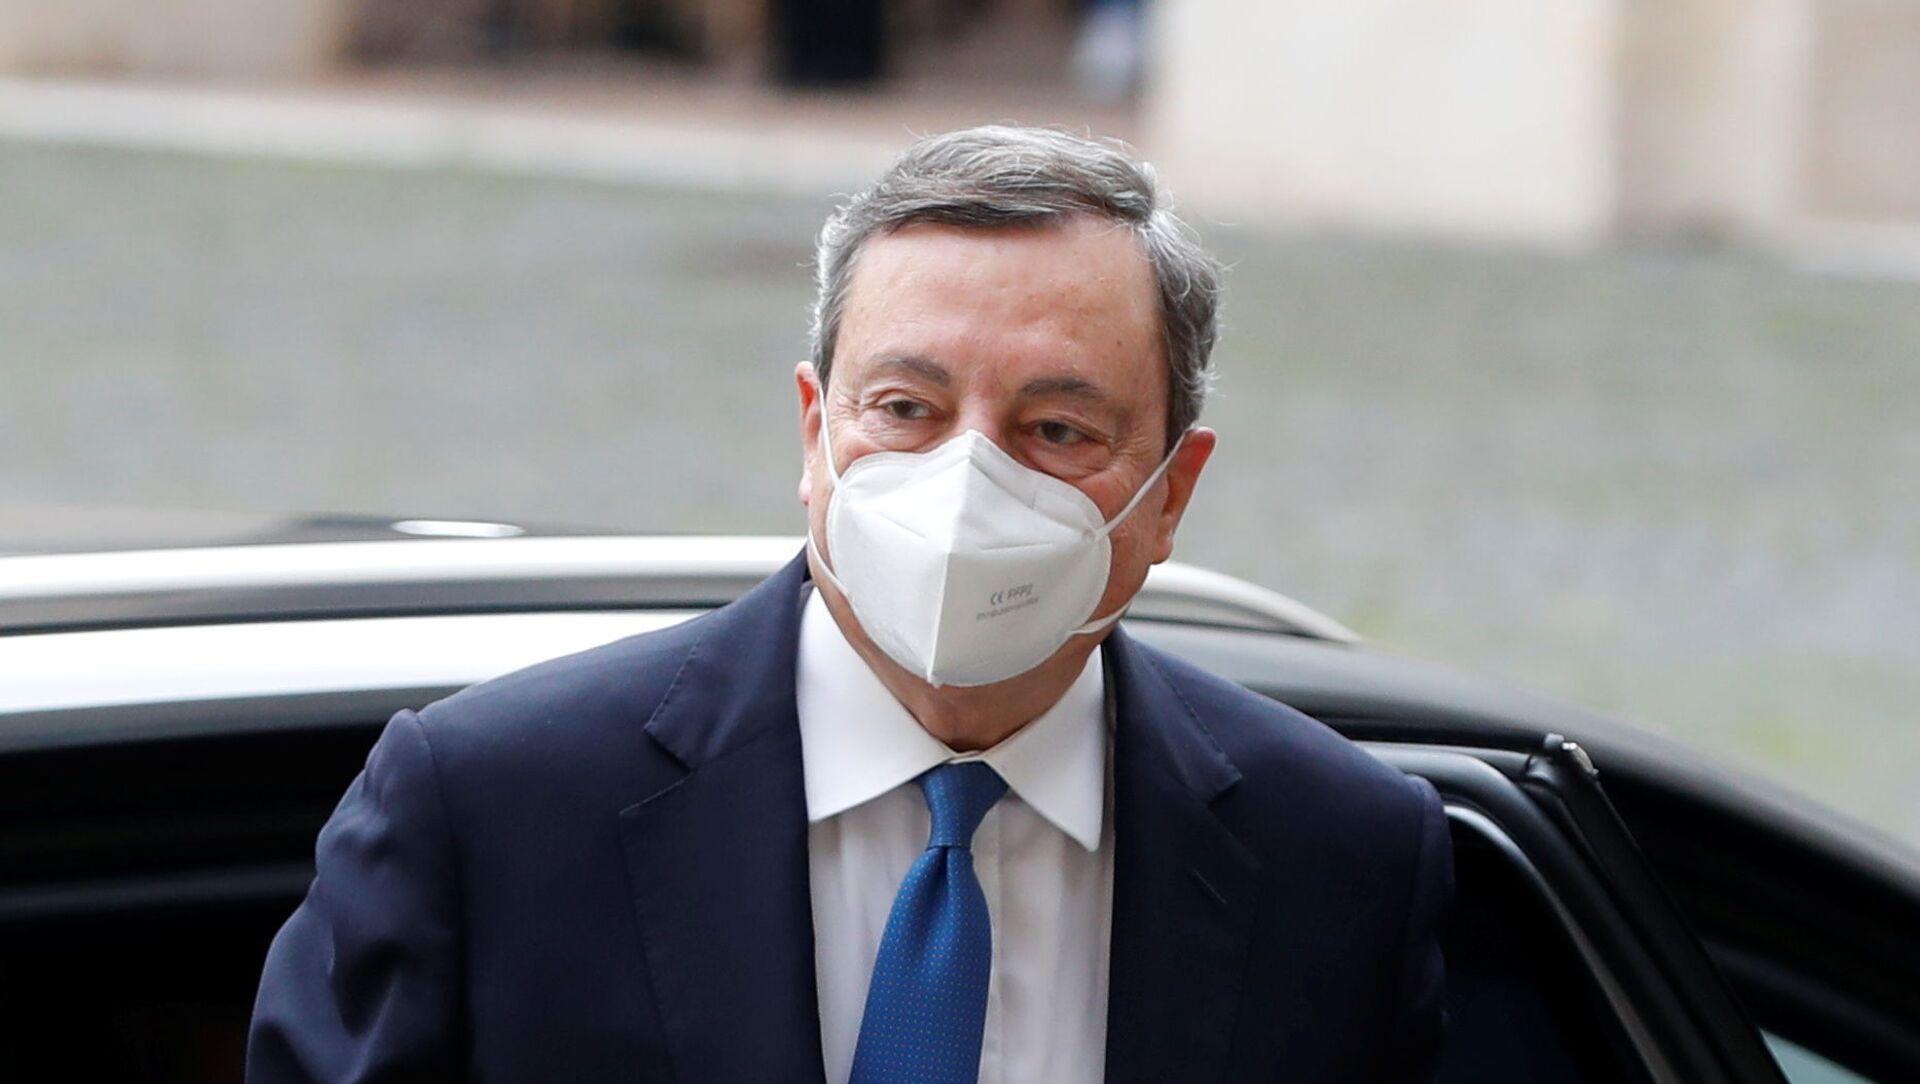 Mario Draghi, exjefe del Banco Central Europeo - Sputnik Mundo, 1920, 03.02.2021